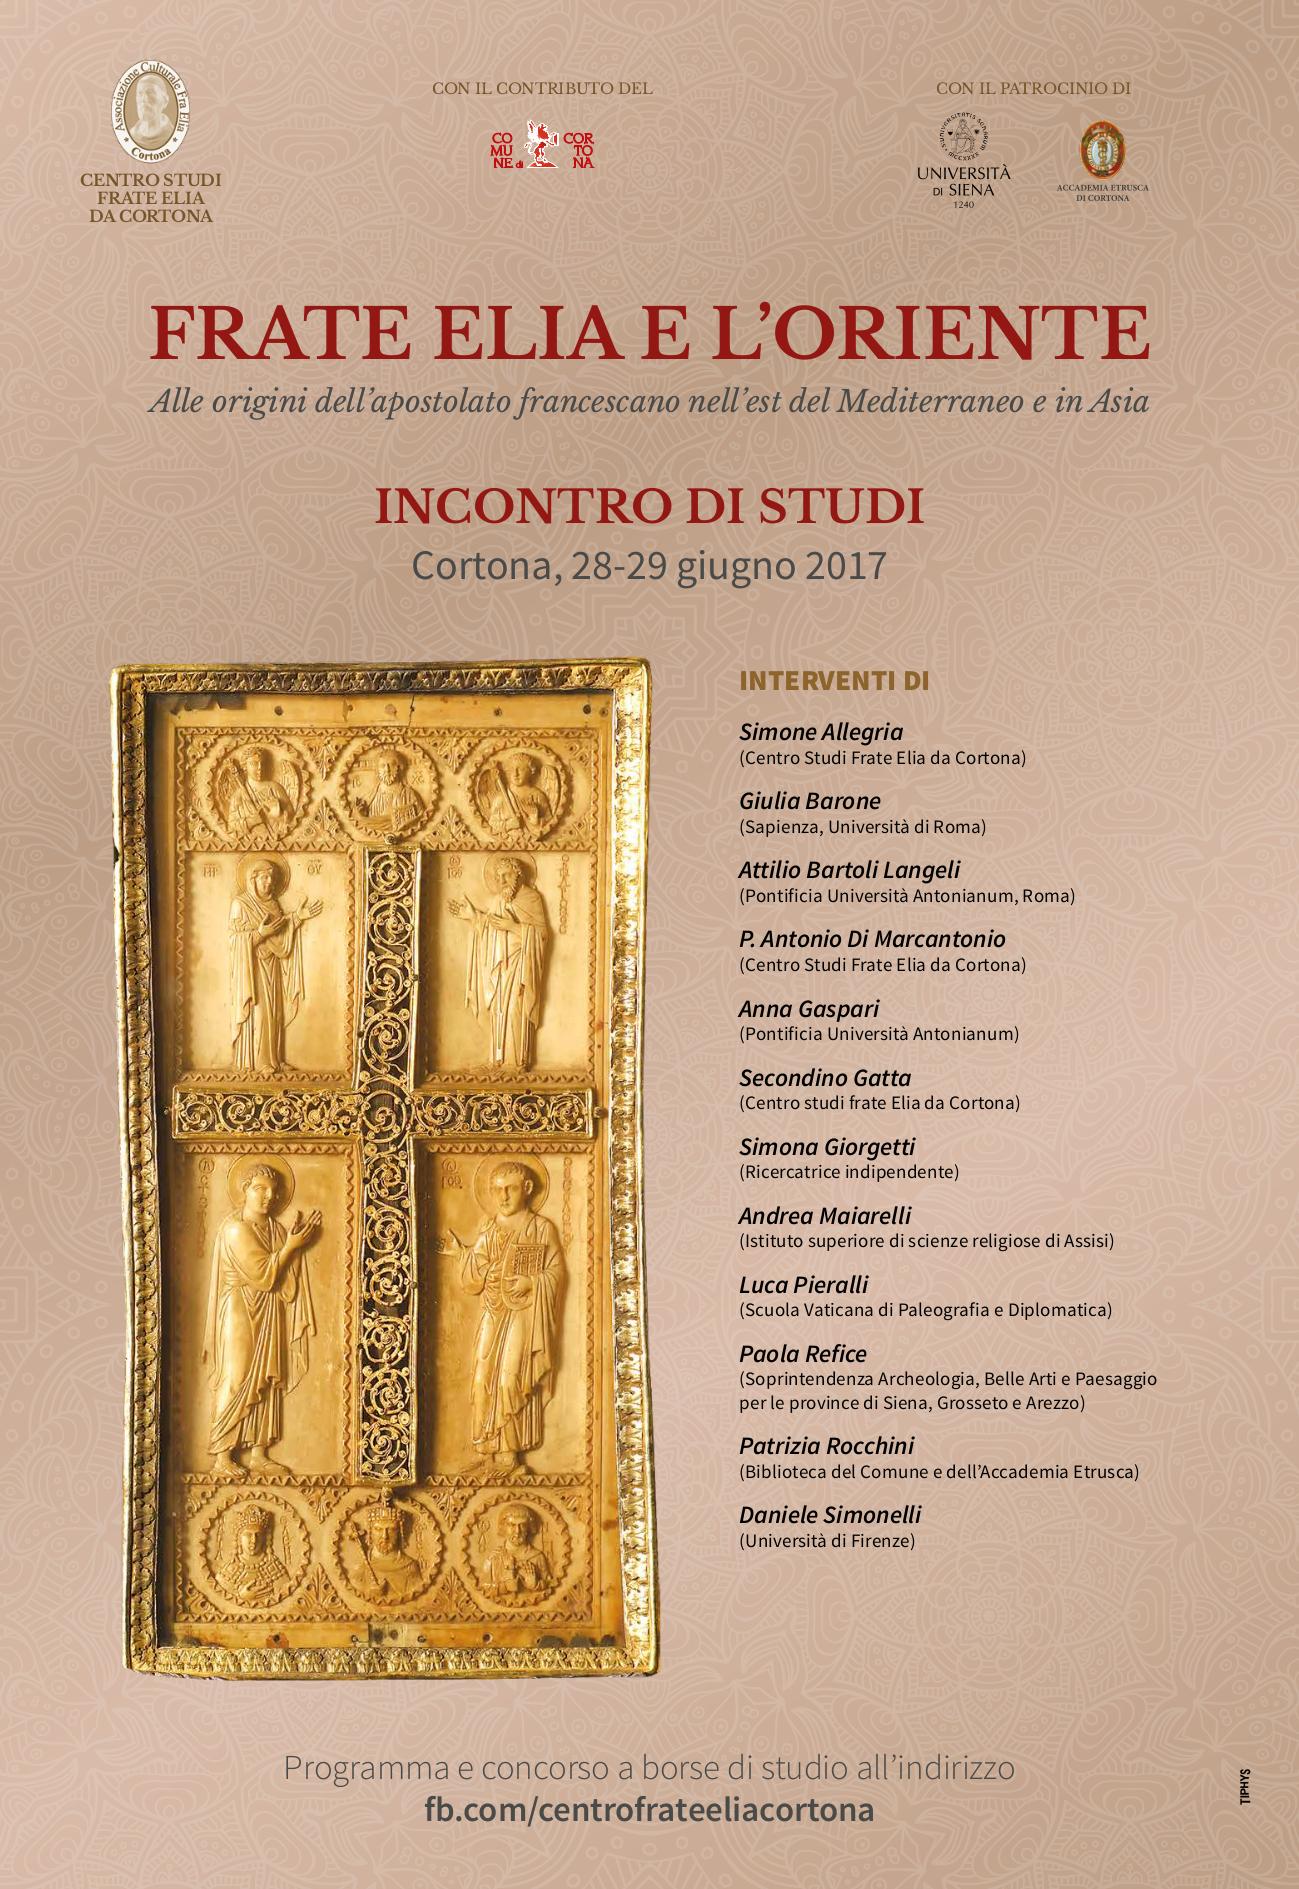 'Frate Elia e l'Oriente', incontro di studi a Cortona